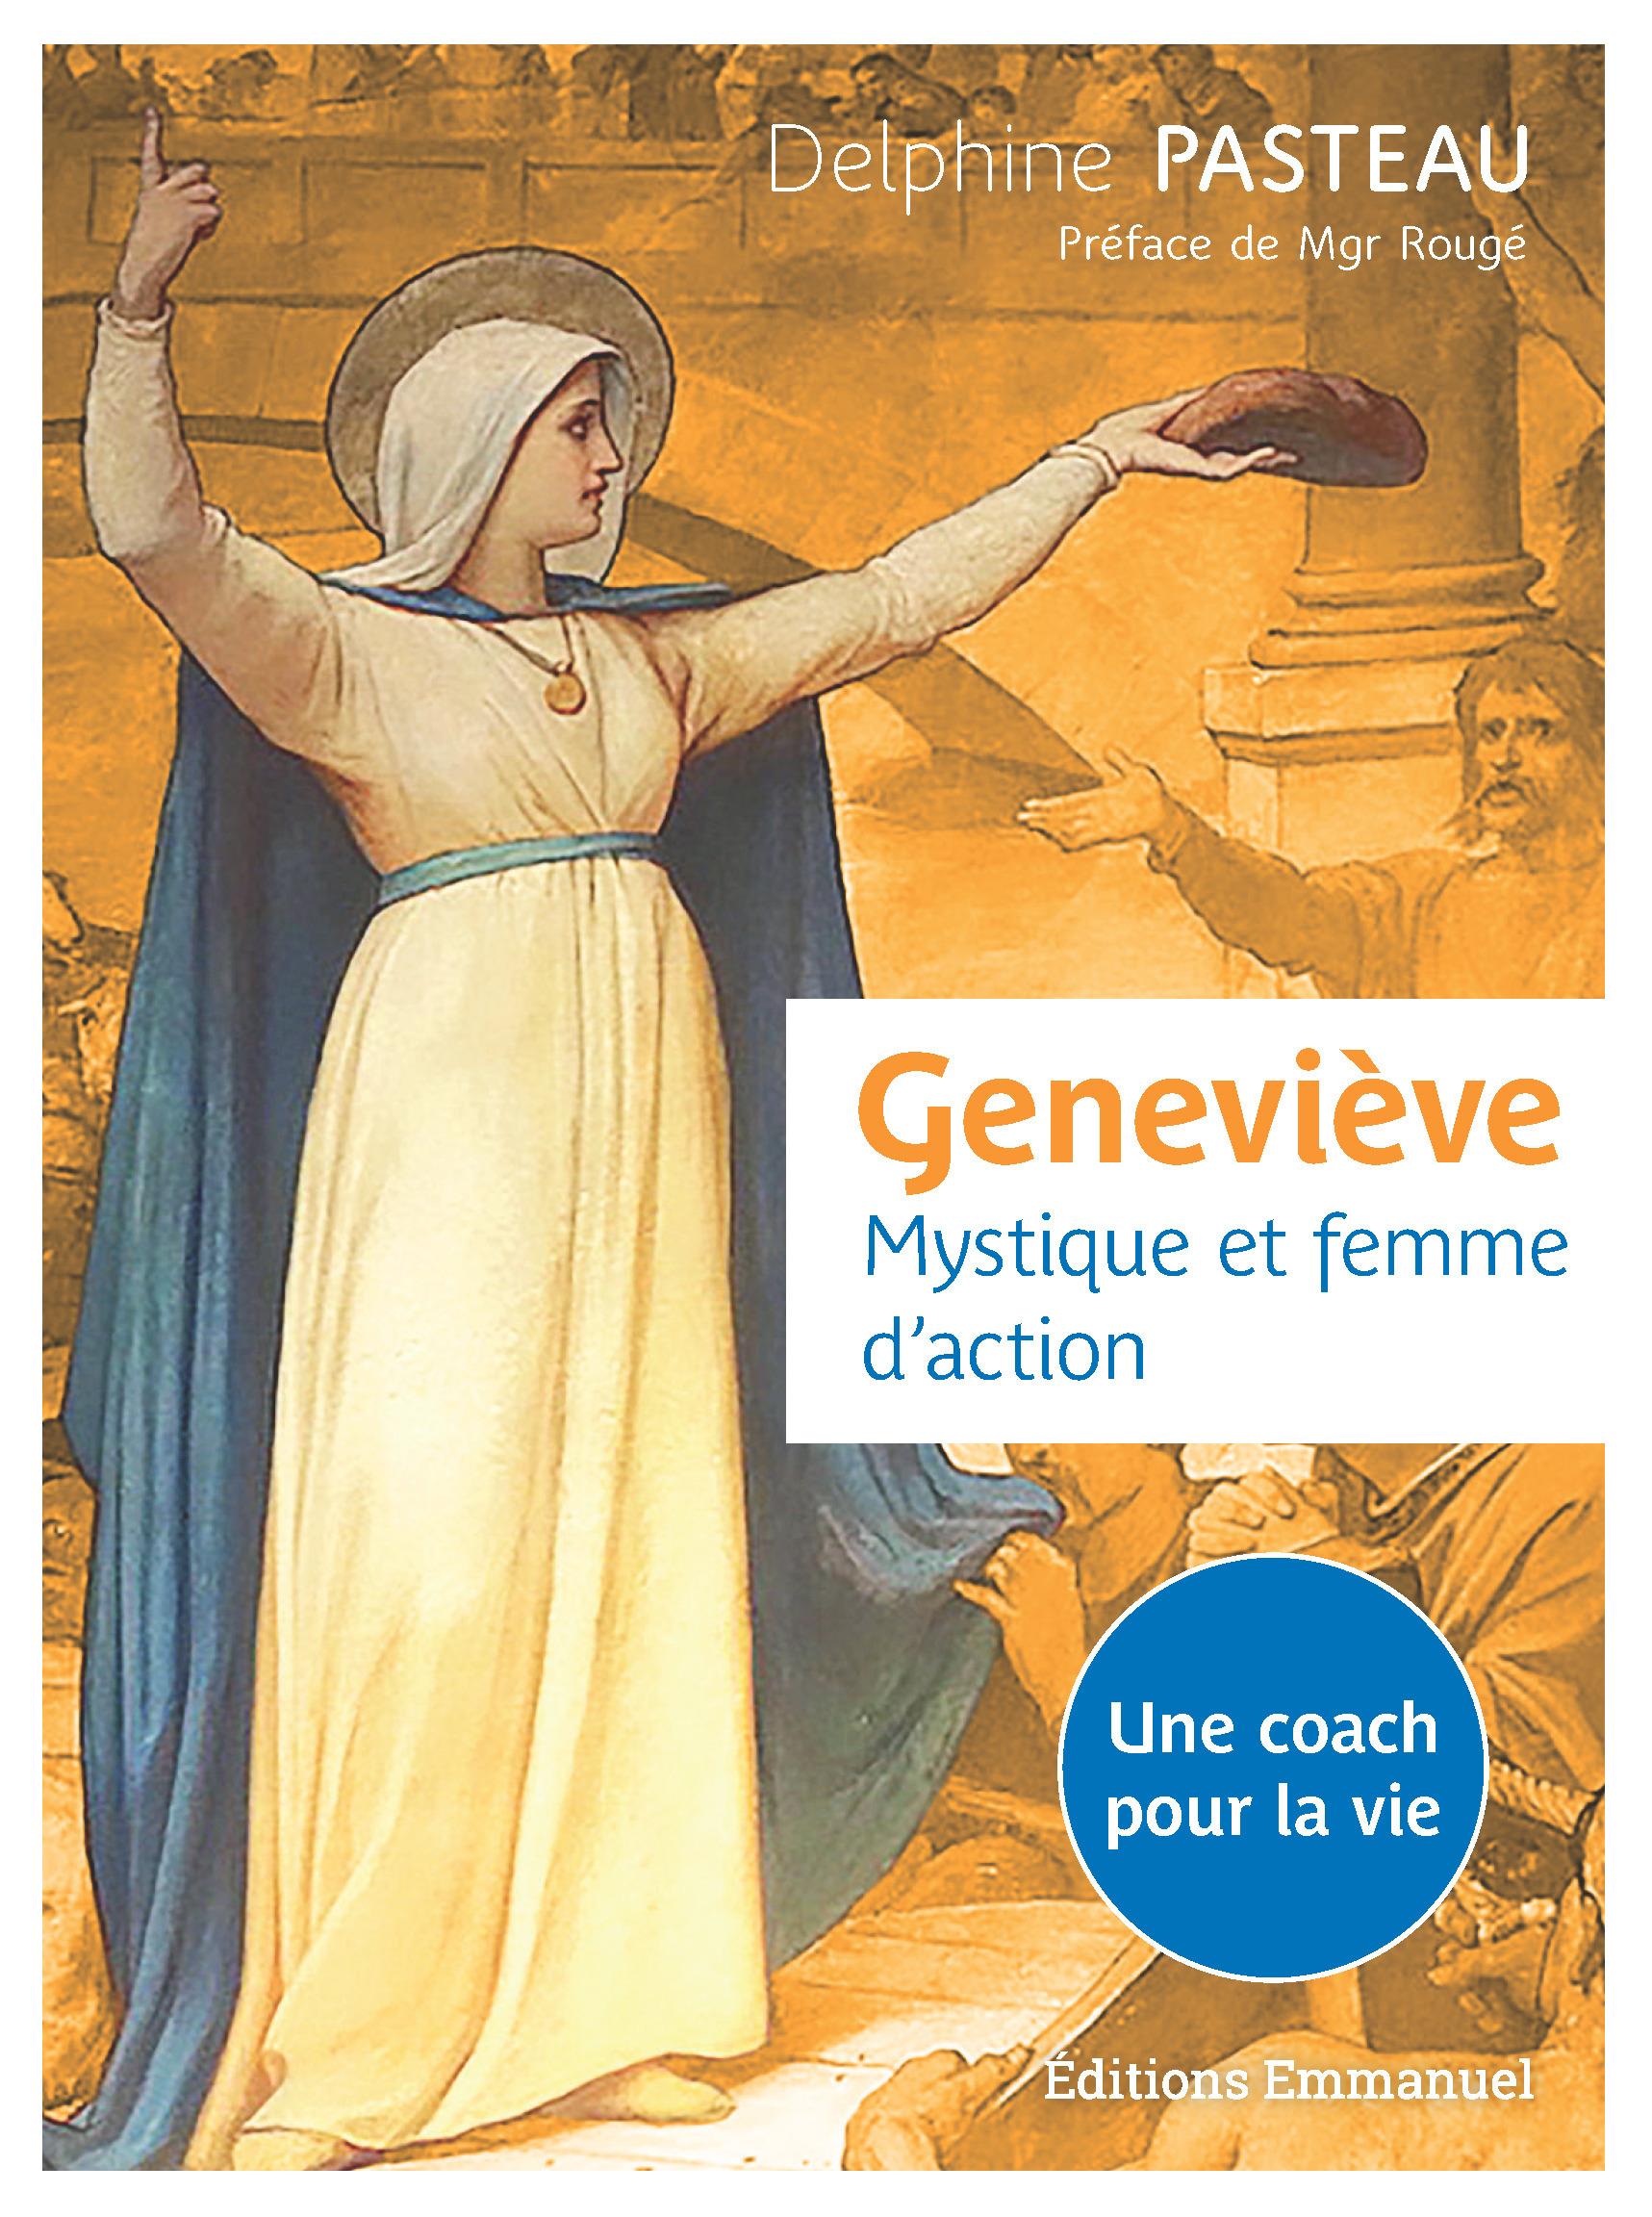 Geneviève, mystique et femme d'action